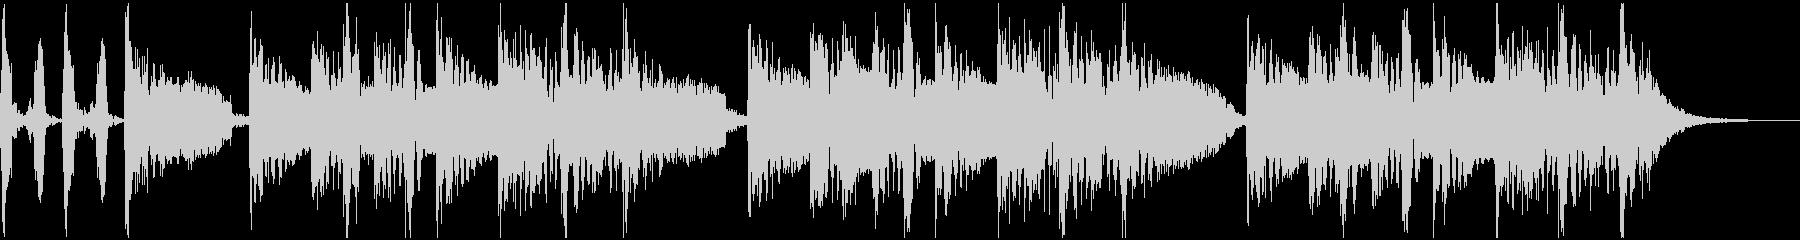 アメリカのDJ、ラッパー的なジングルの未再生の波形